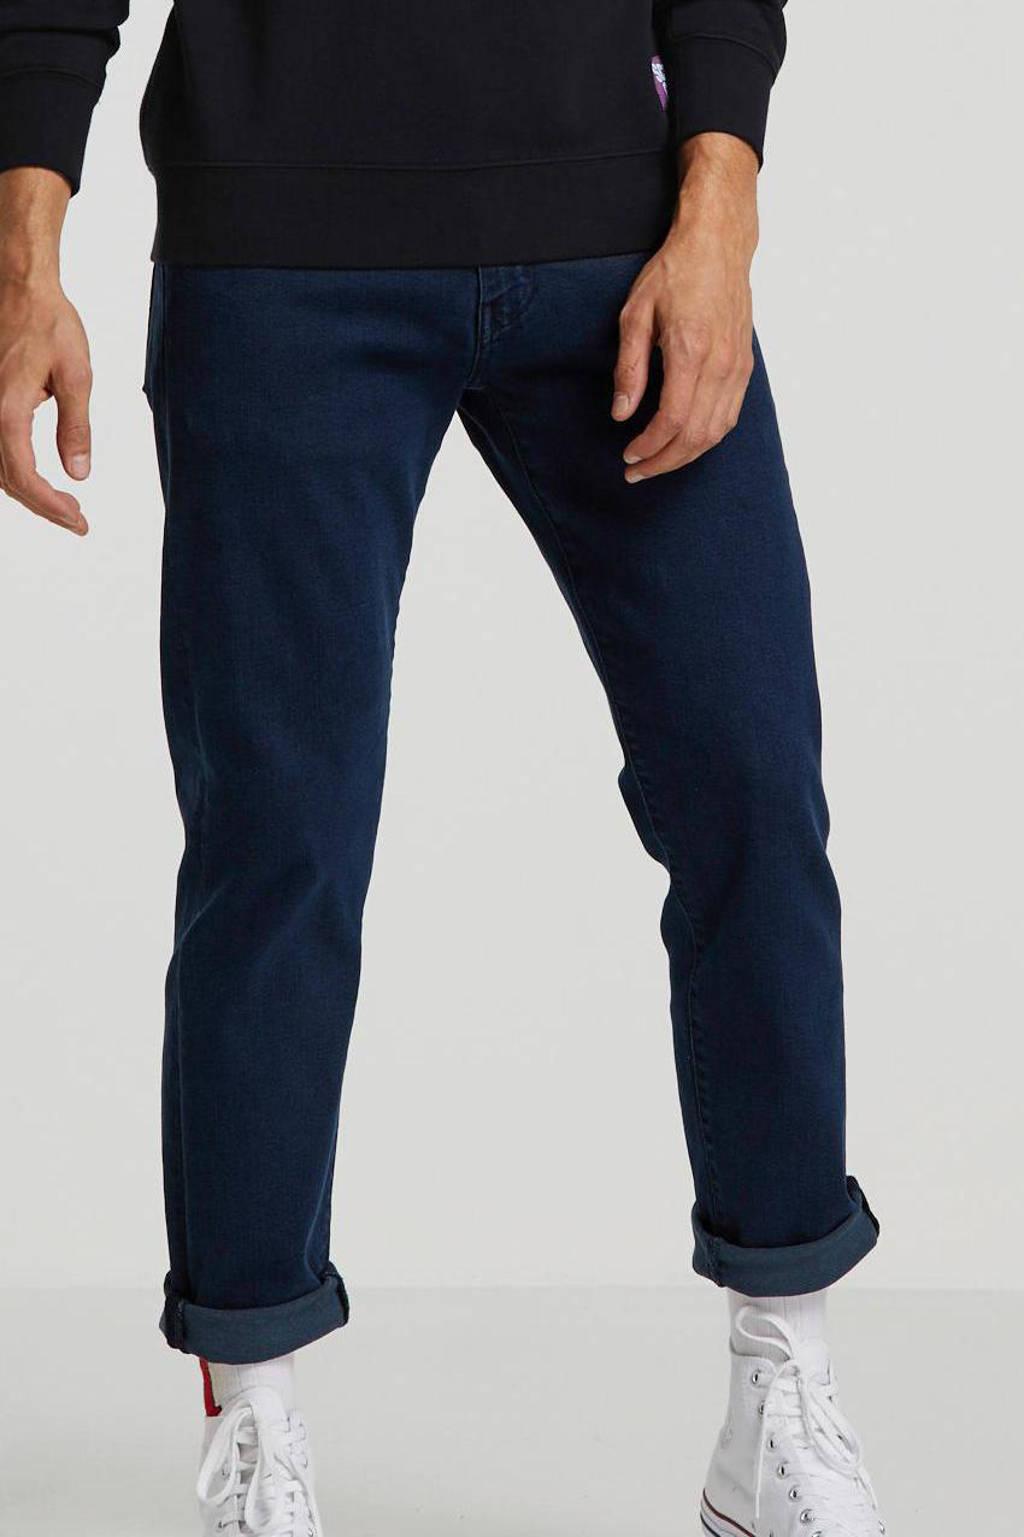 Levi's 502 tapered fit jeans cedar od flat, Cedar Od Flat Adv Tnl